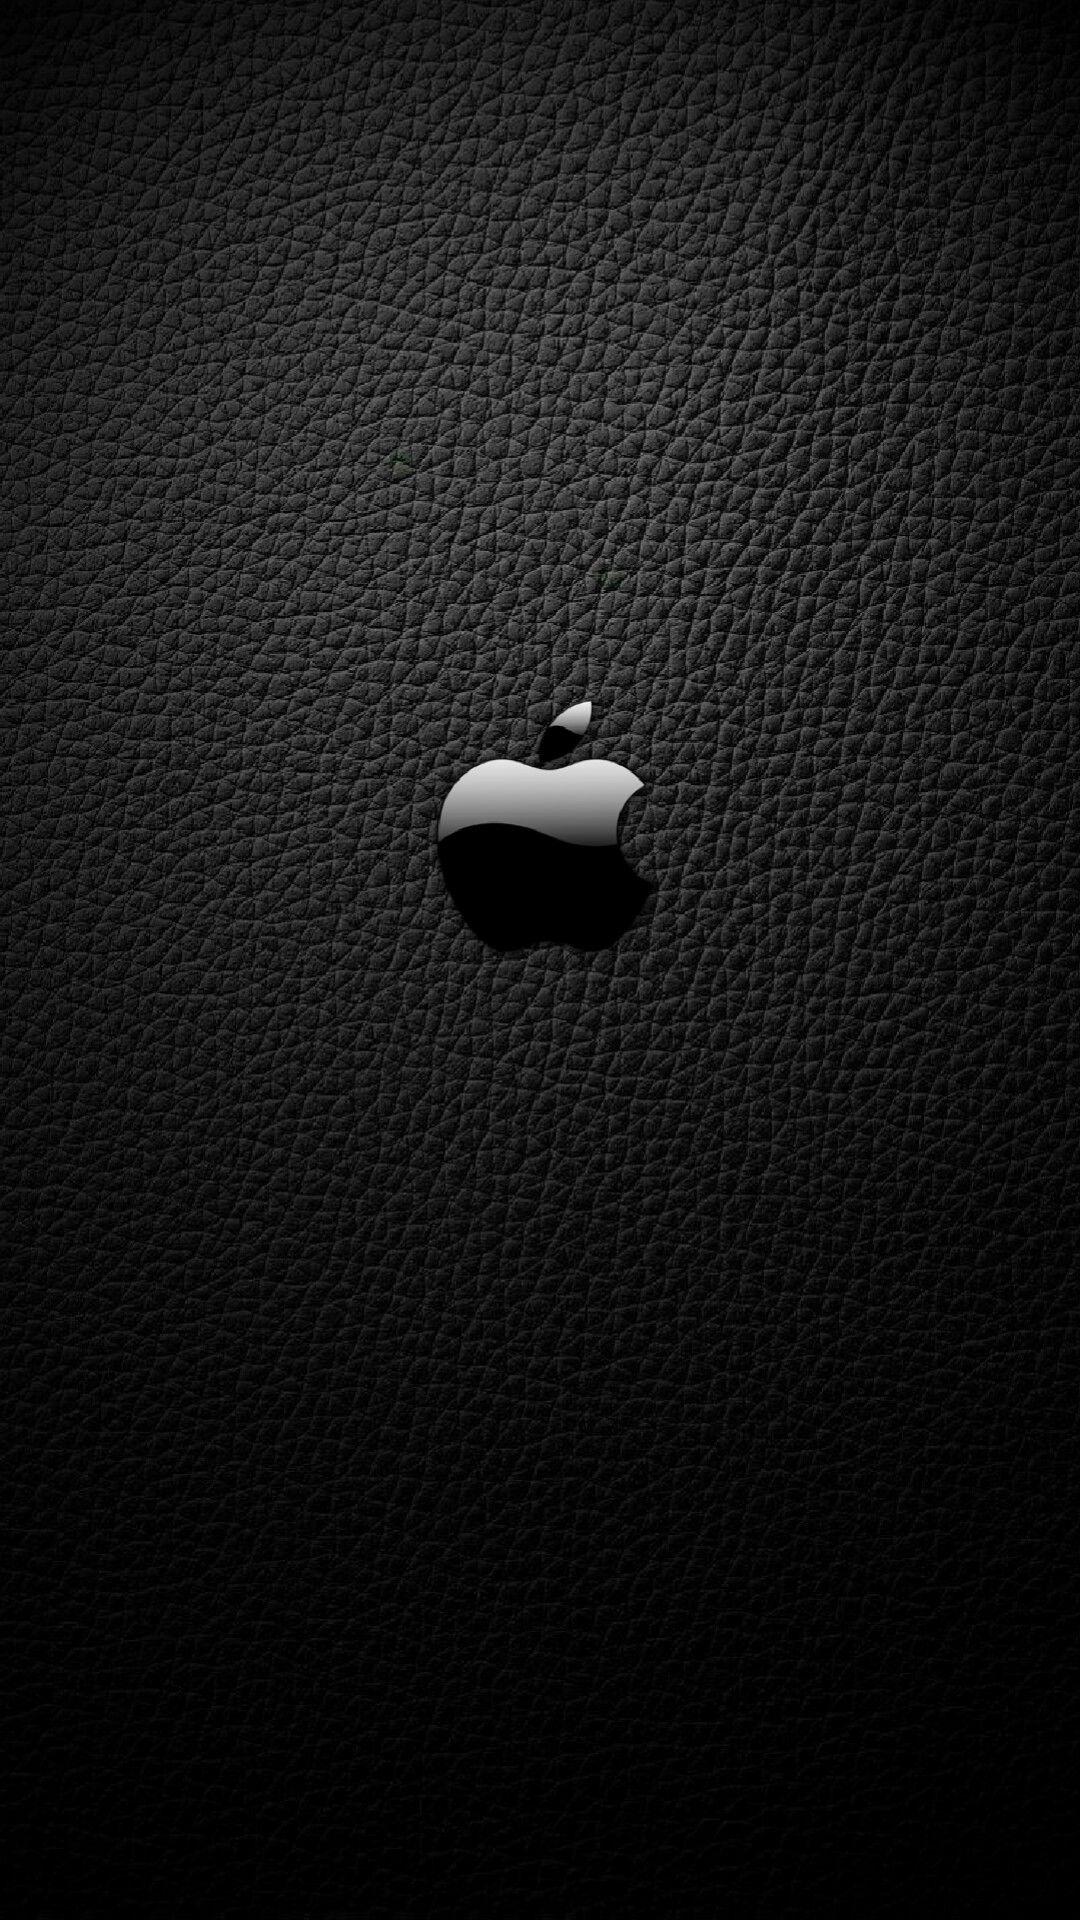 простые черная картинка для обоев на айфон украшает